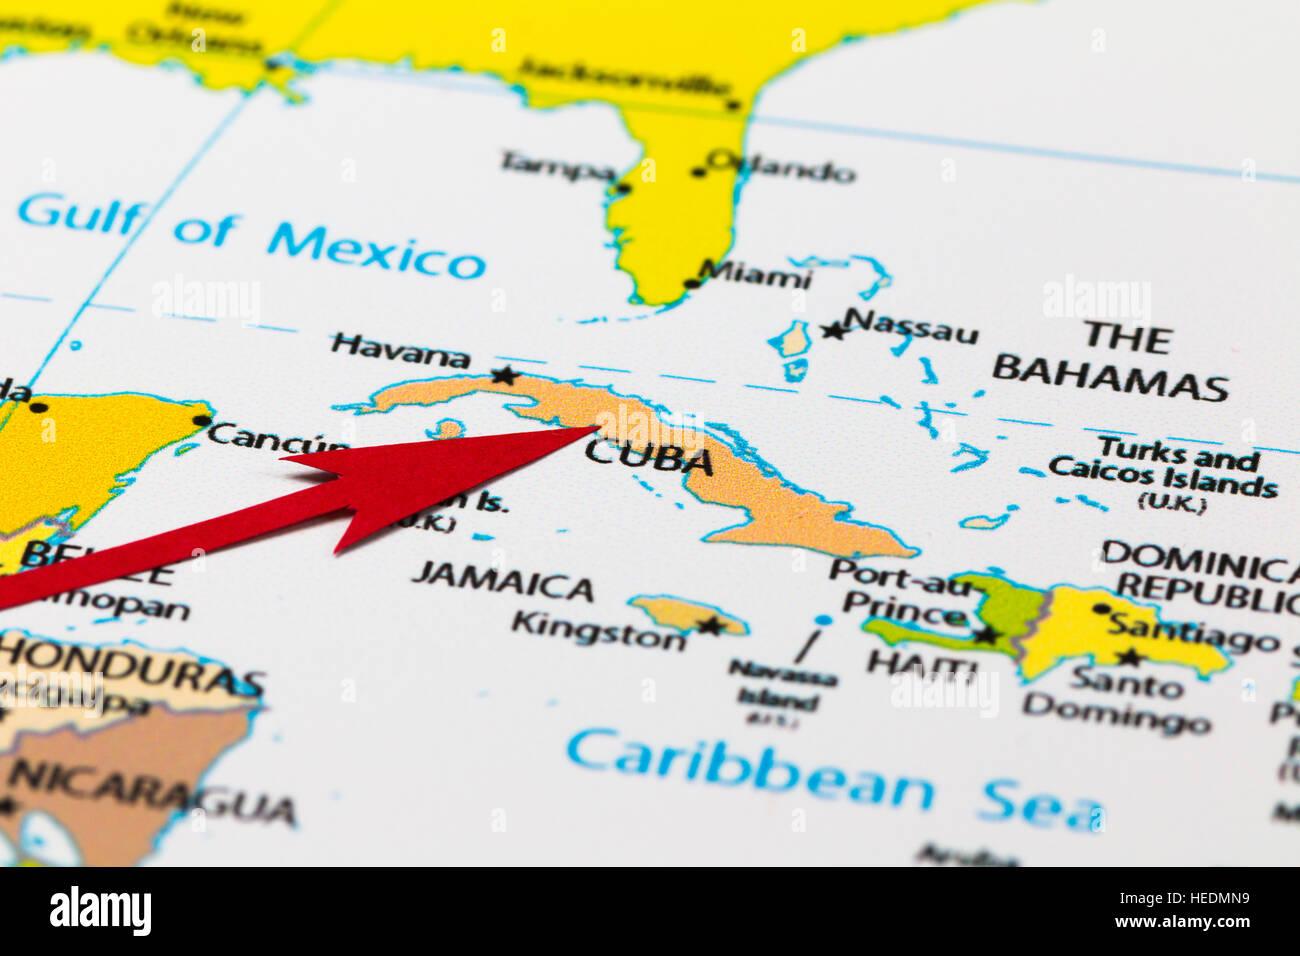 Flèche rouge pointant Cuba sur le plan de la région des Caraïbes et d'amérique du nord continent Banque D'Images